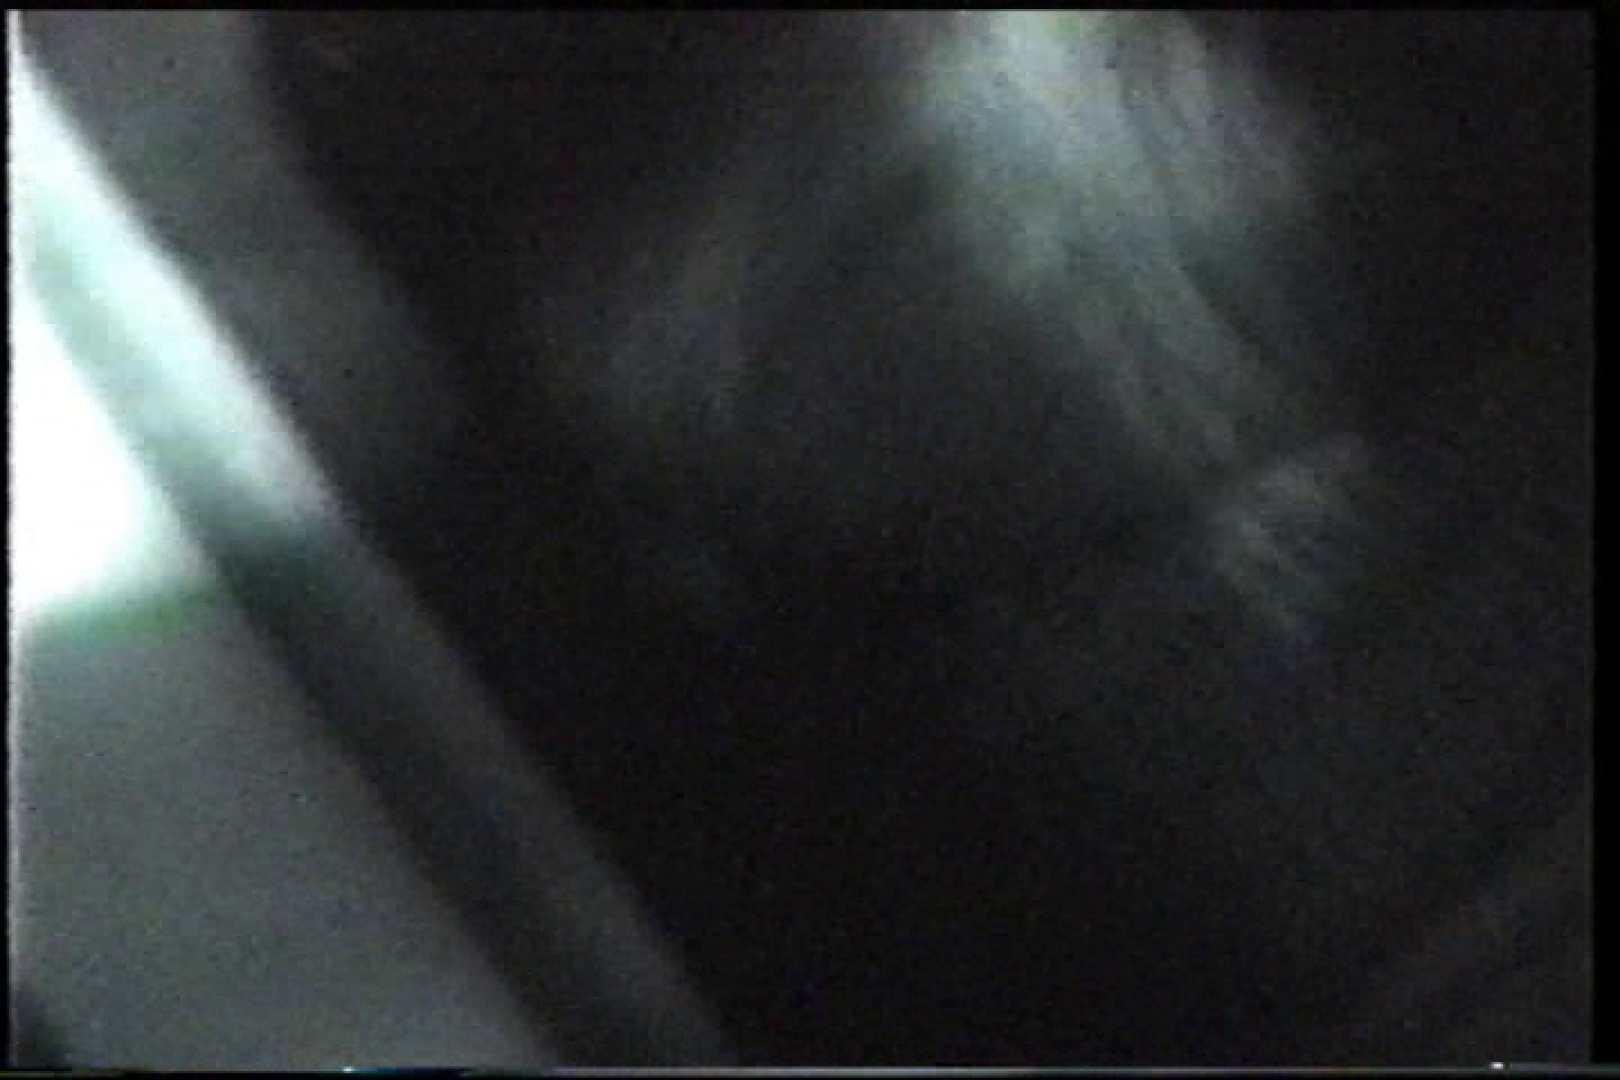 充血監督の深夜の運動会Vol.214 後編. レズビアン編 エロ画像 51pic 24